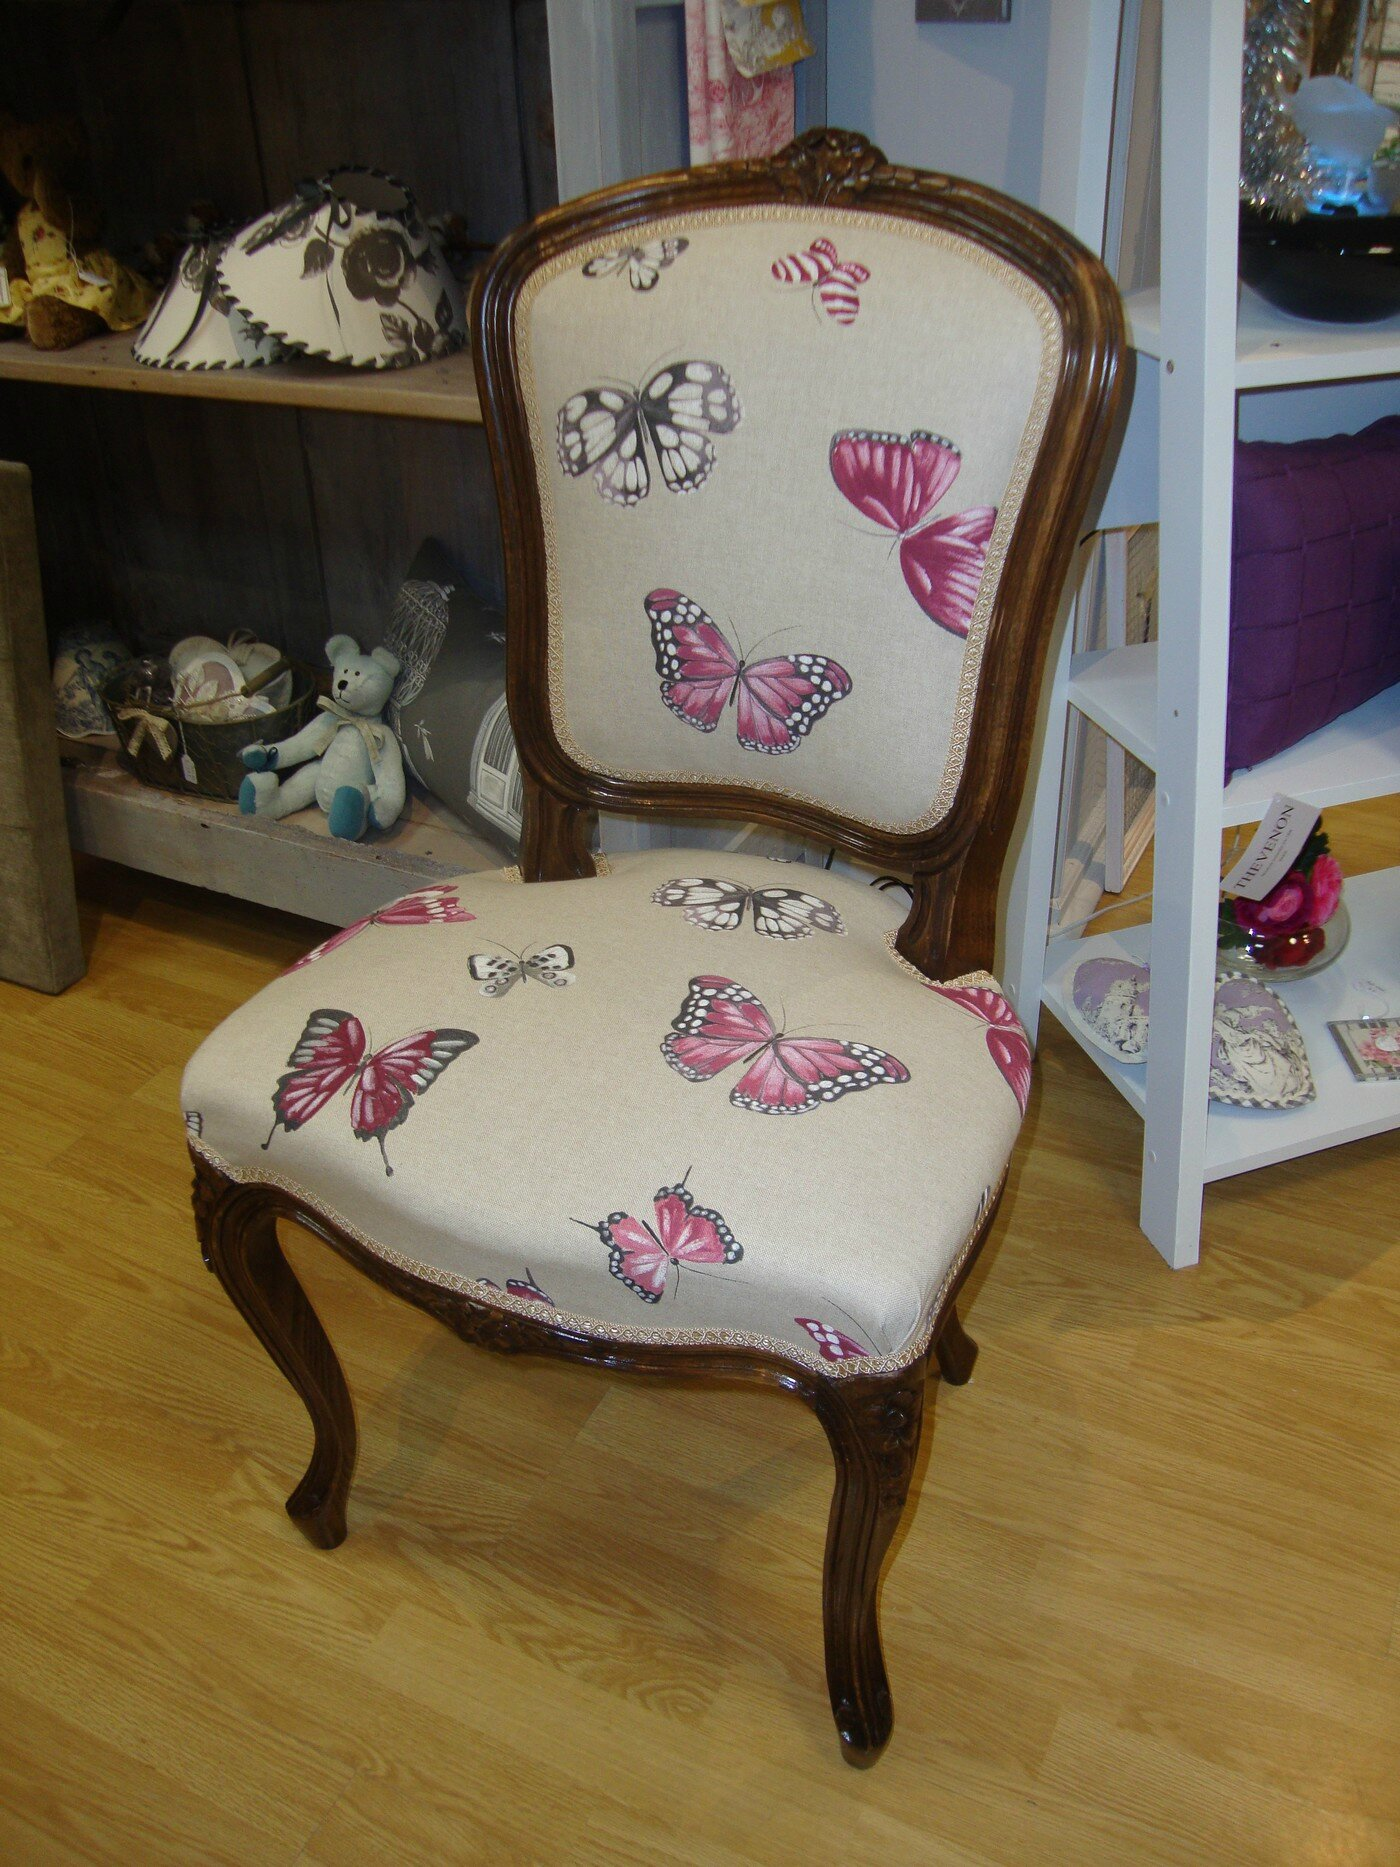 chaise louis xv mod le papillons kr ative d co. Black Bedroom Furniture Sets. Home Design Ideas